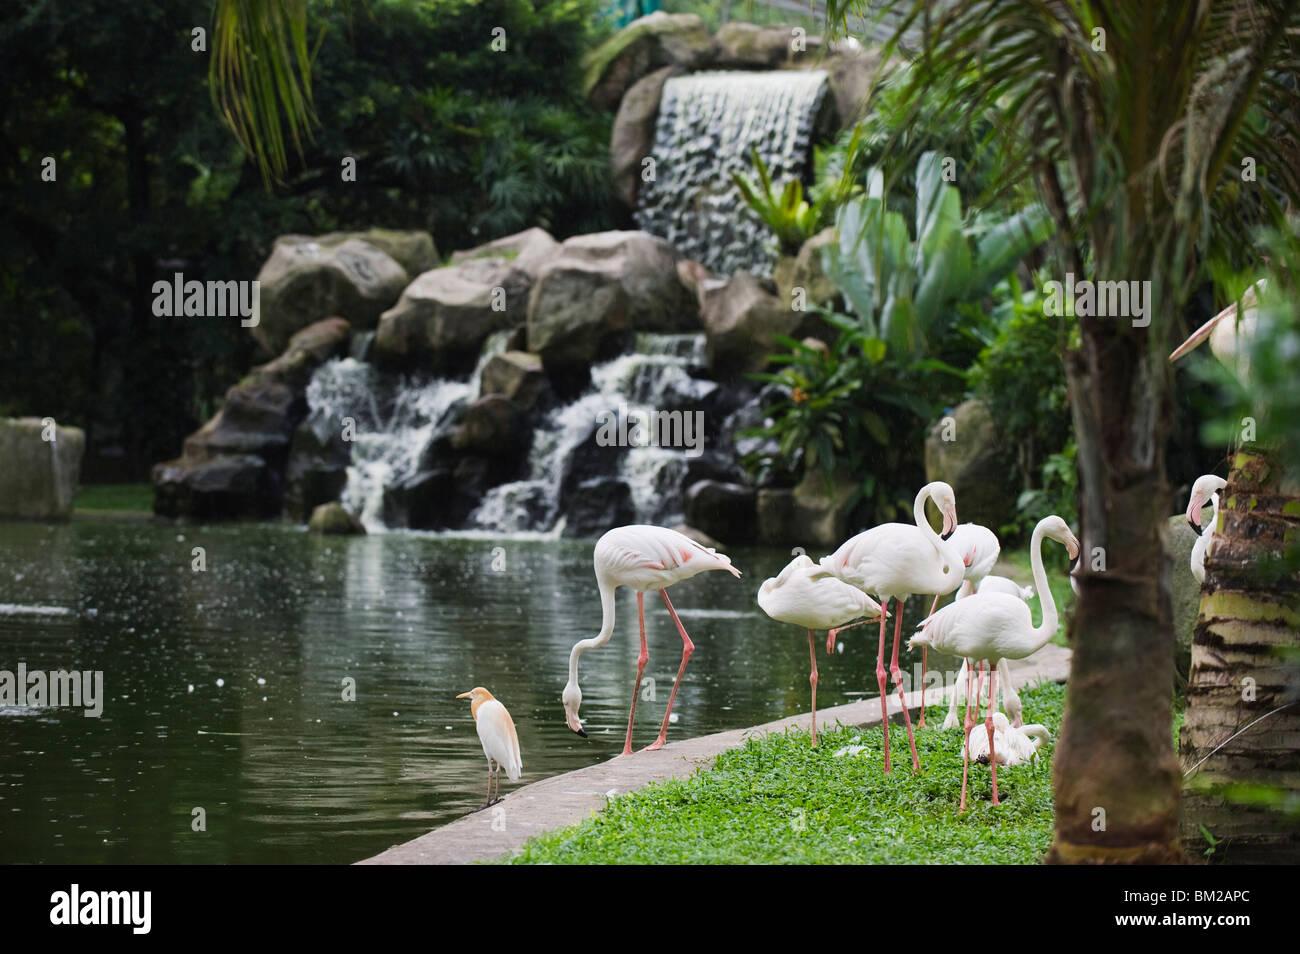 Flamingo, KL Bird Park, Kuala Lumpur, Malaysia, Southeast Asia - Stock Image